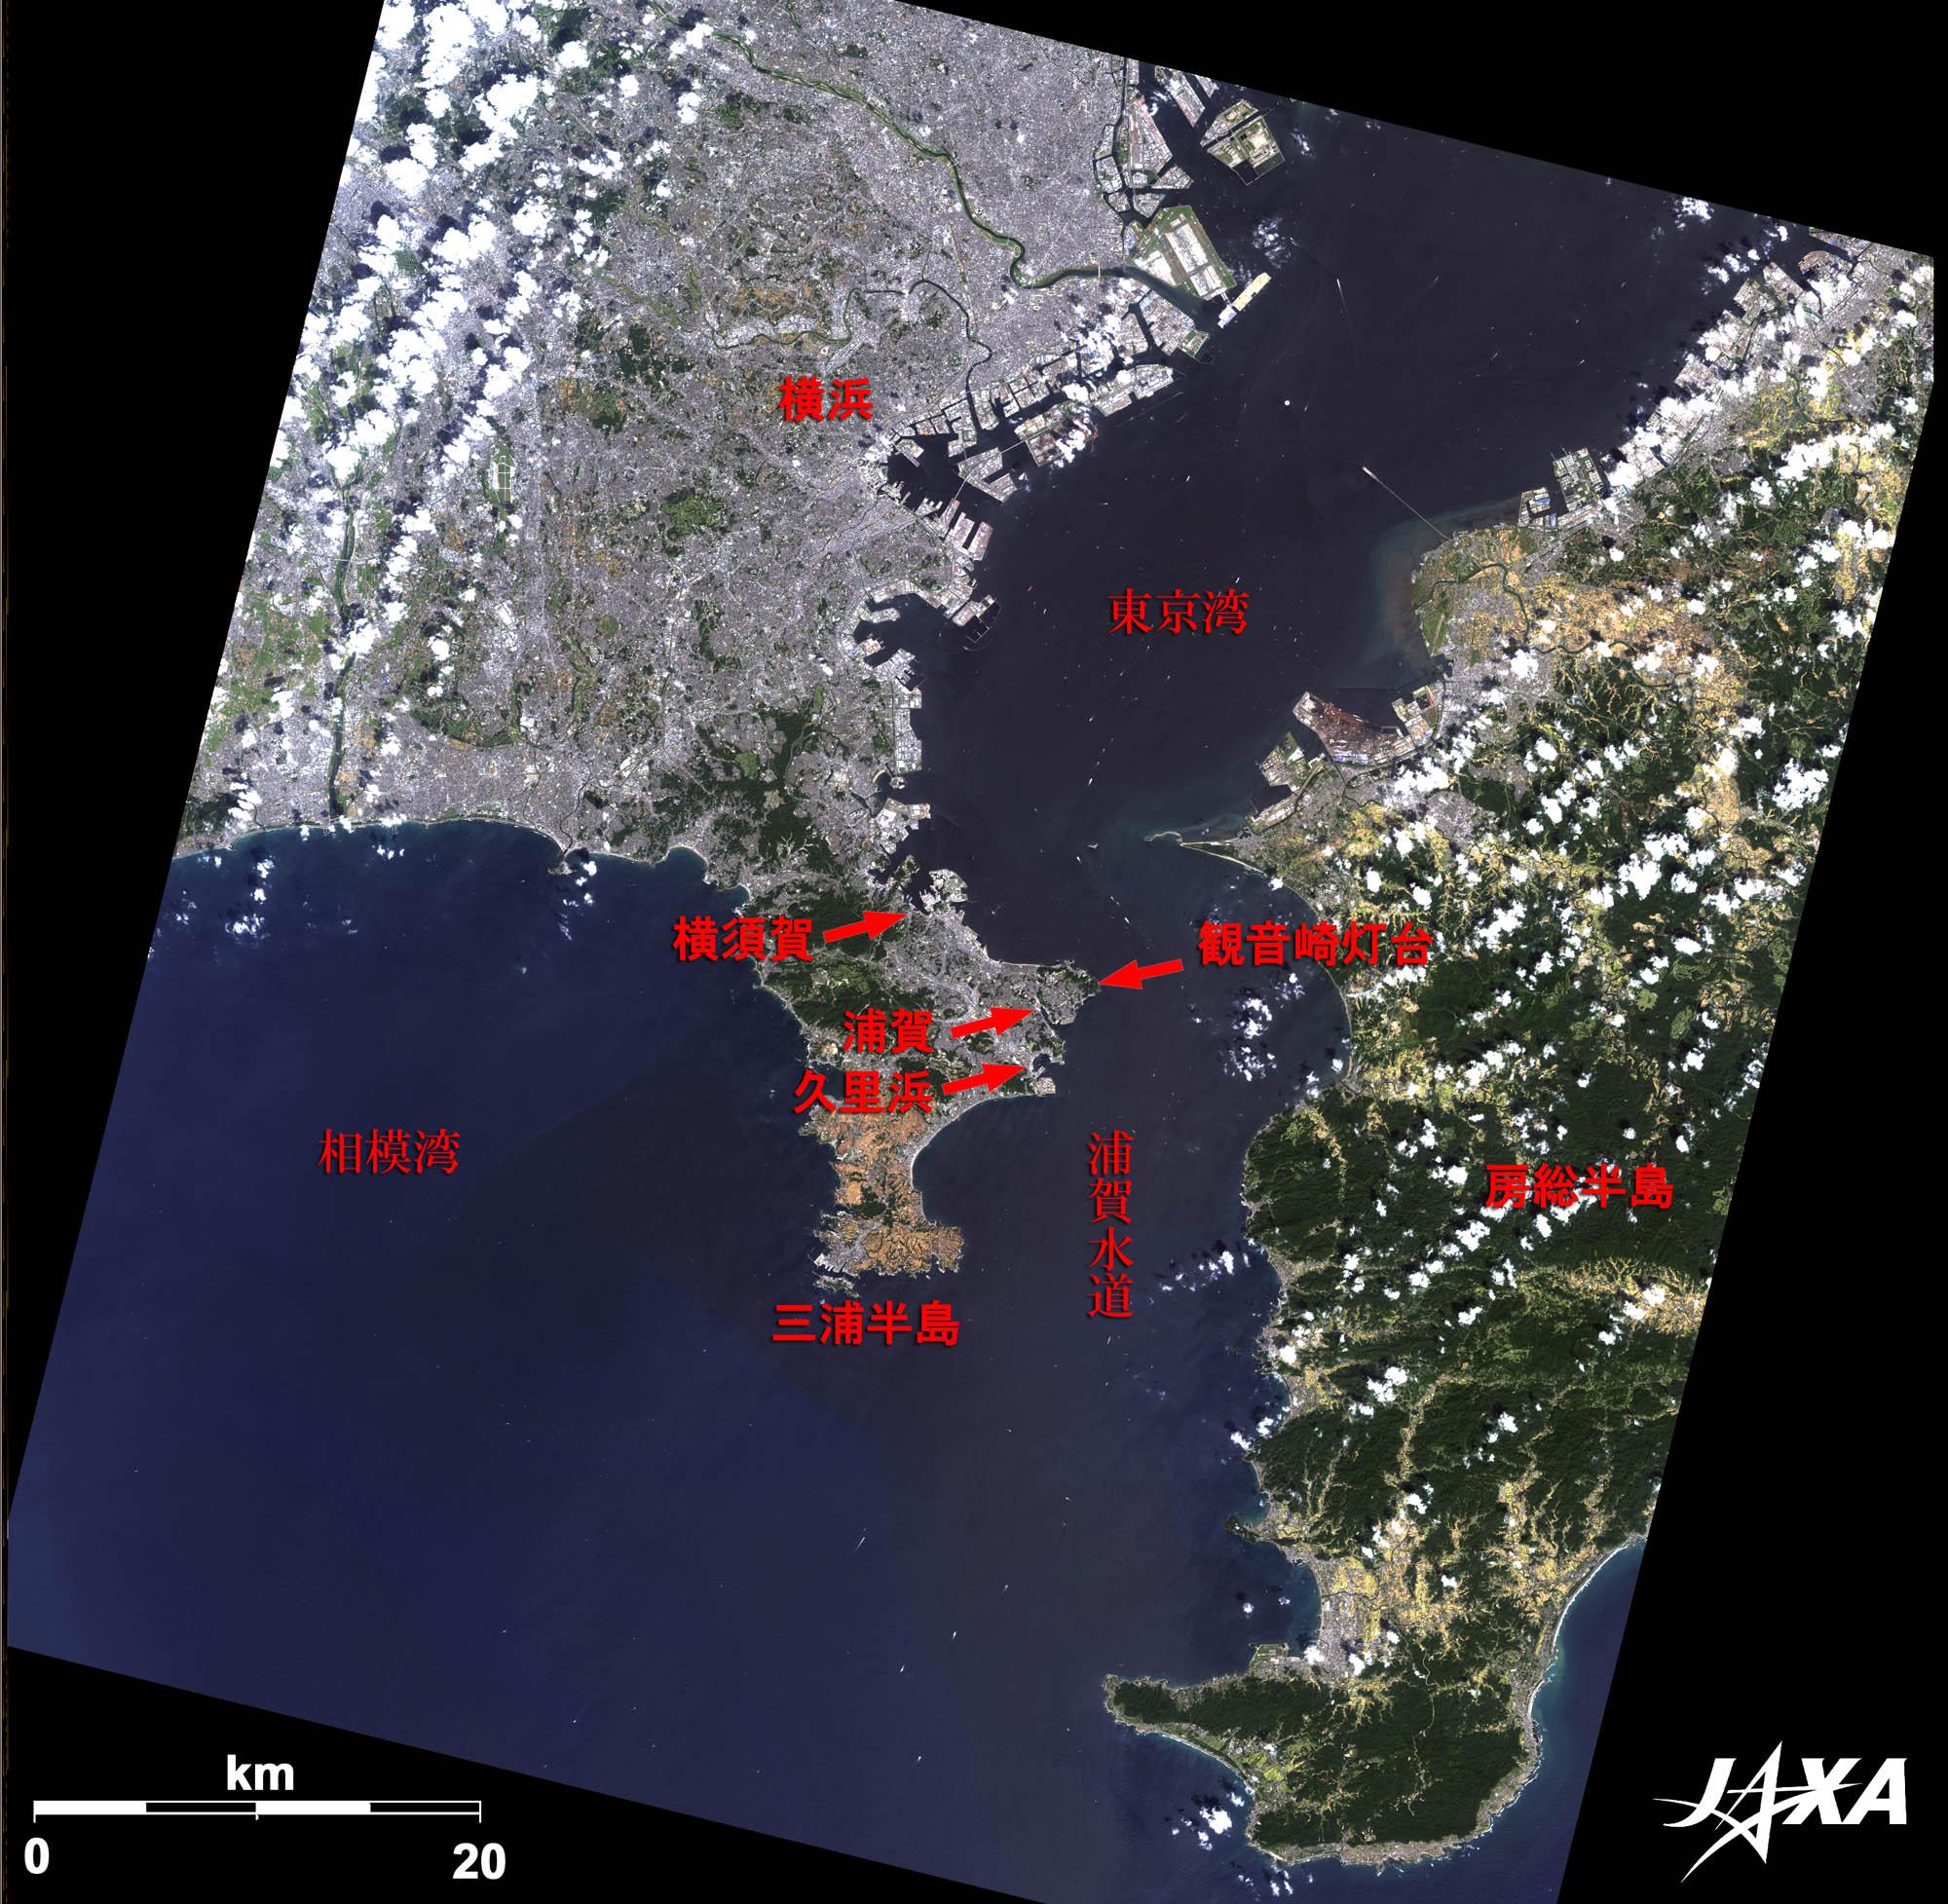 https://www.eorc.jaxa.jp/earthview/2010/img/tp100707_01j.jpg